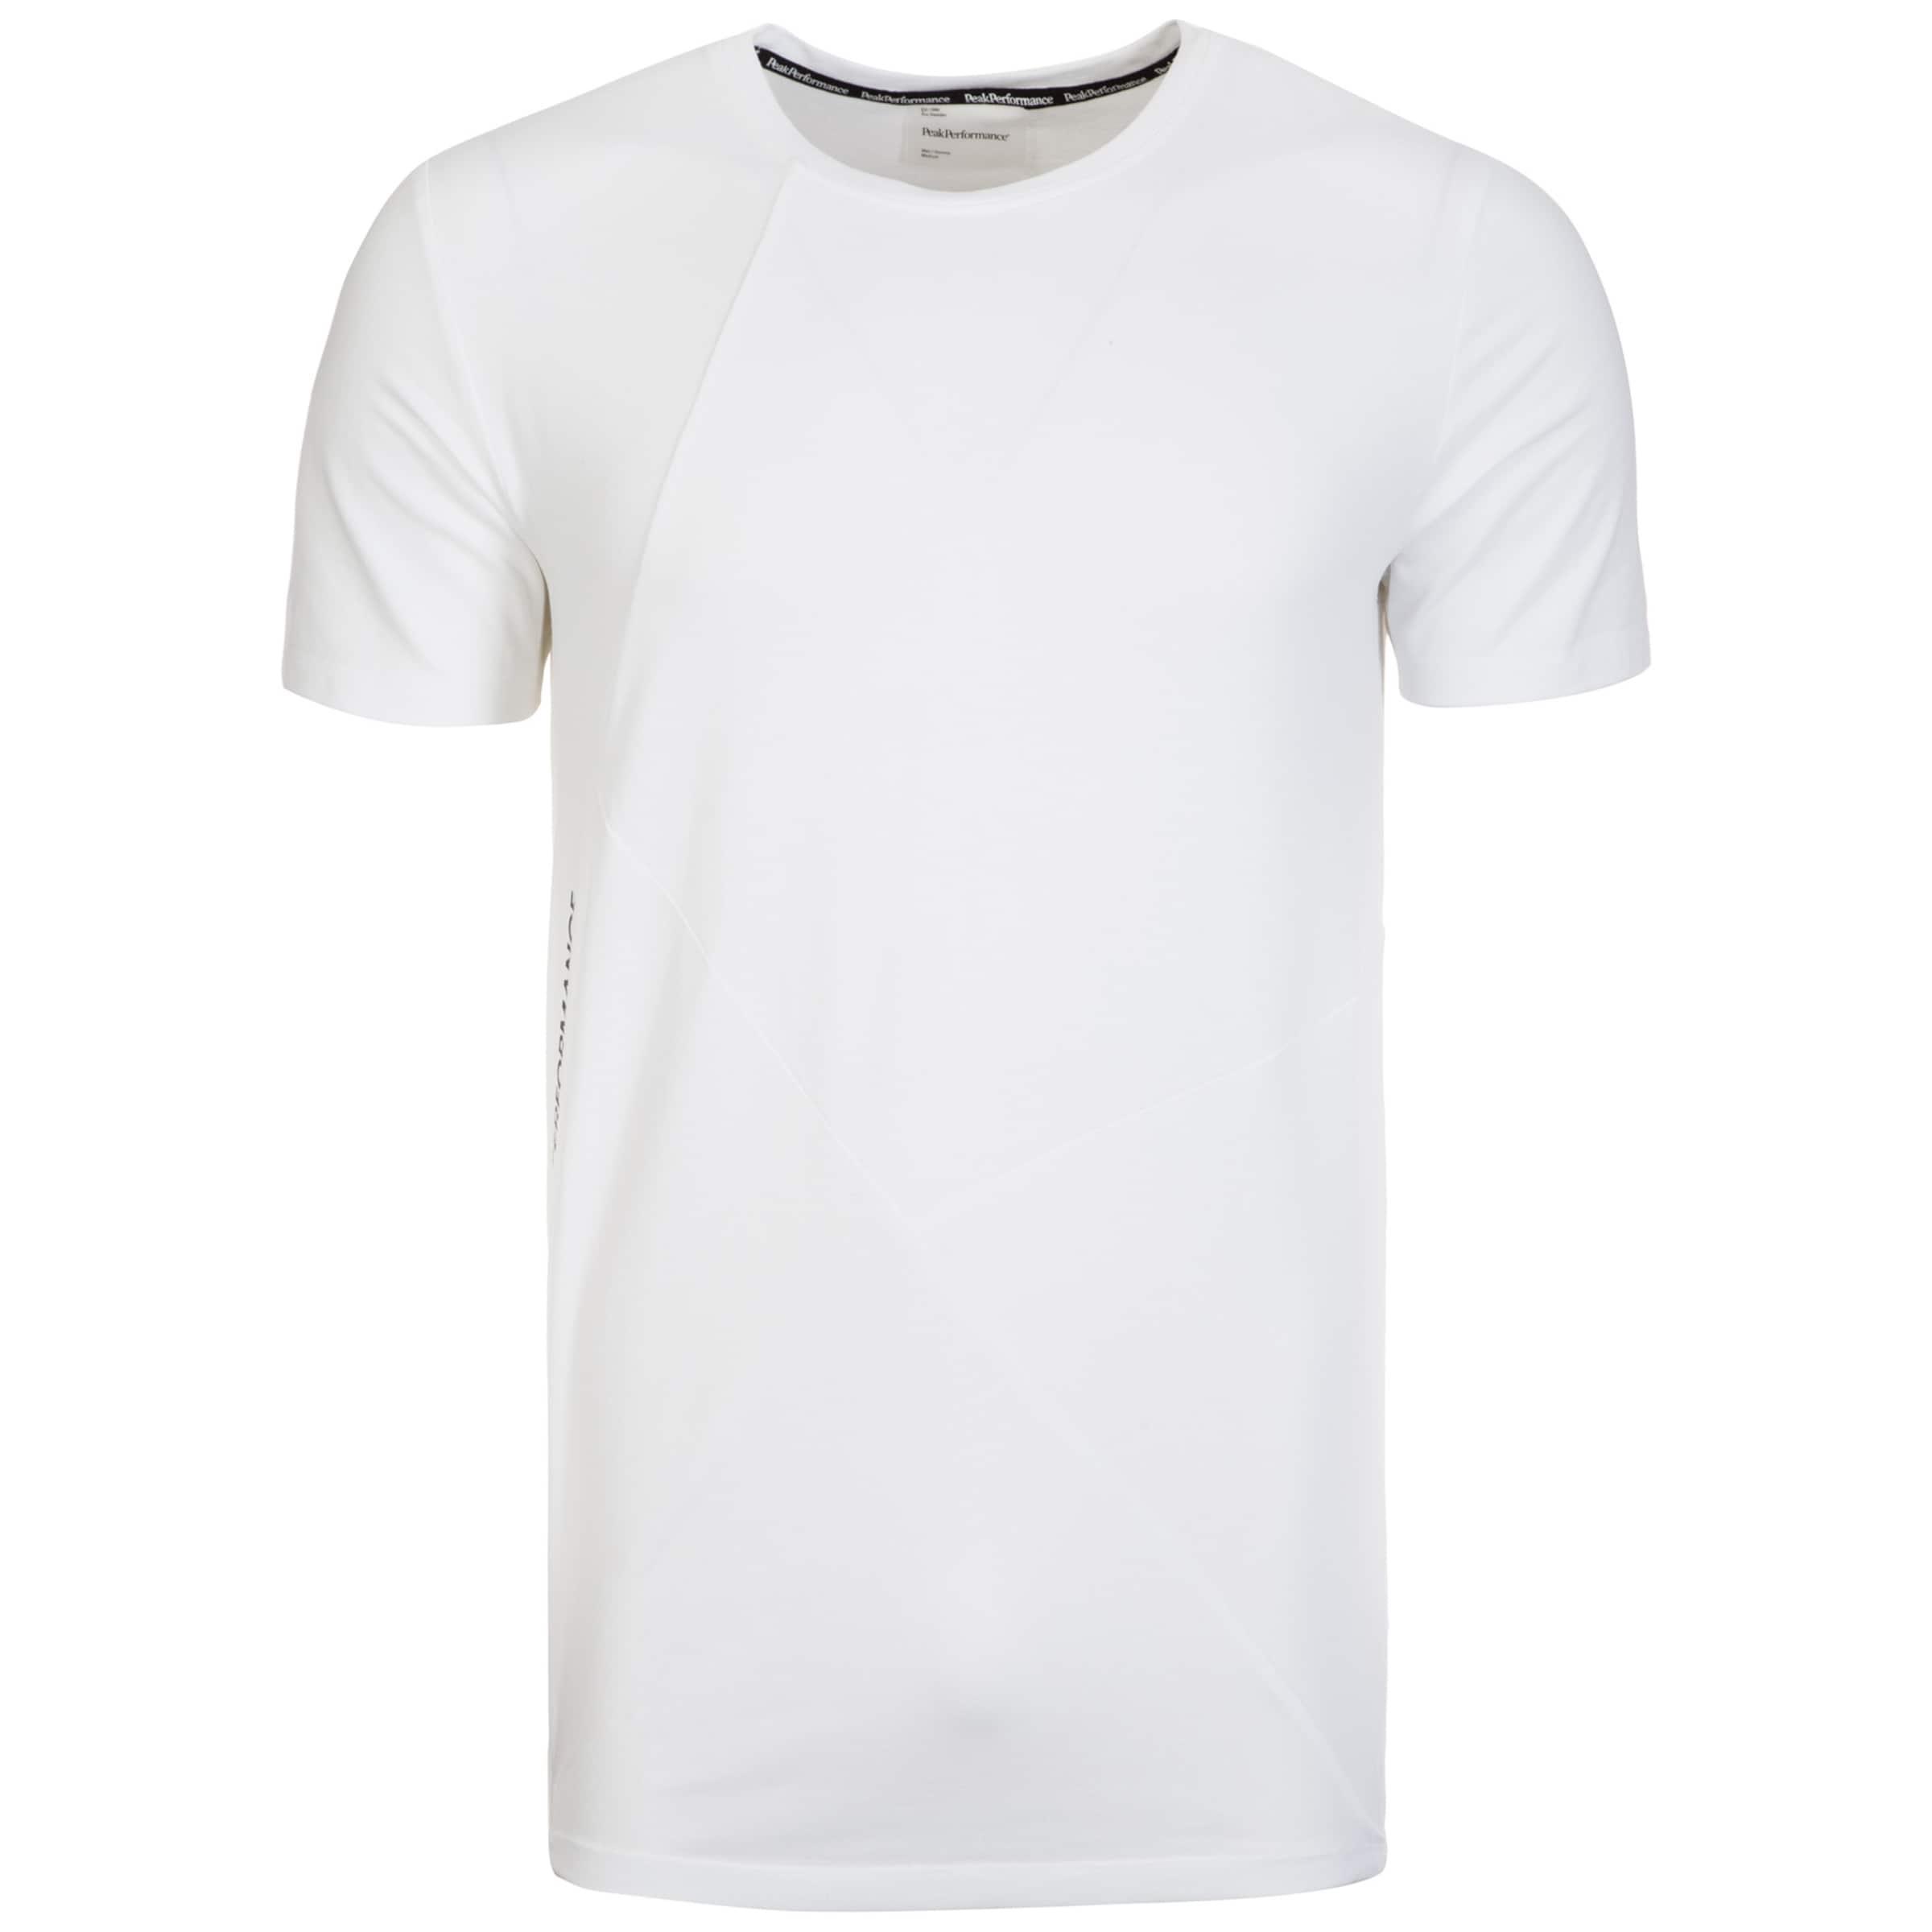 PEAK PERFORMANCE Tech T-Shirt Herren Rabatt Wirklich Original Zum Verkauf Rabatte Online Besuchen Günstigen Preis Billiges Countdown-Paket yfnzx3las